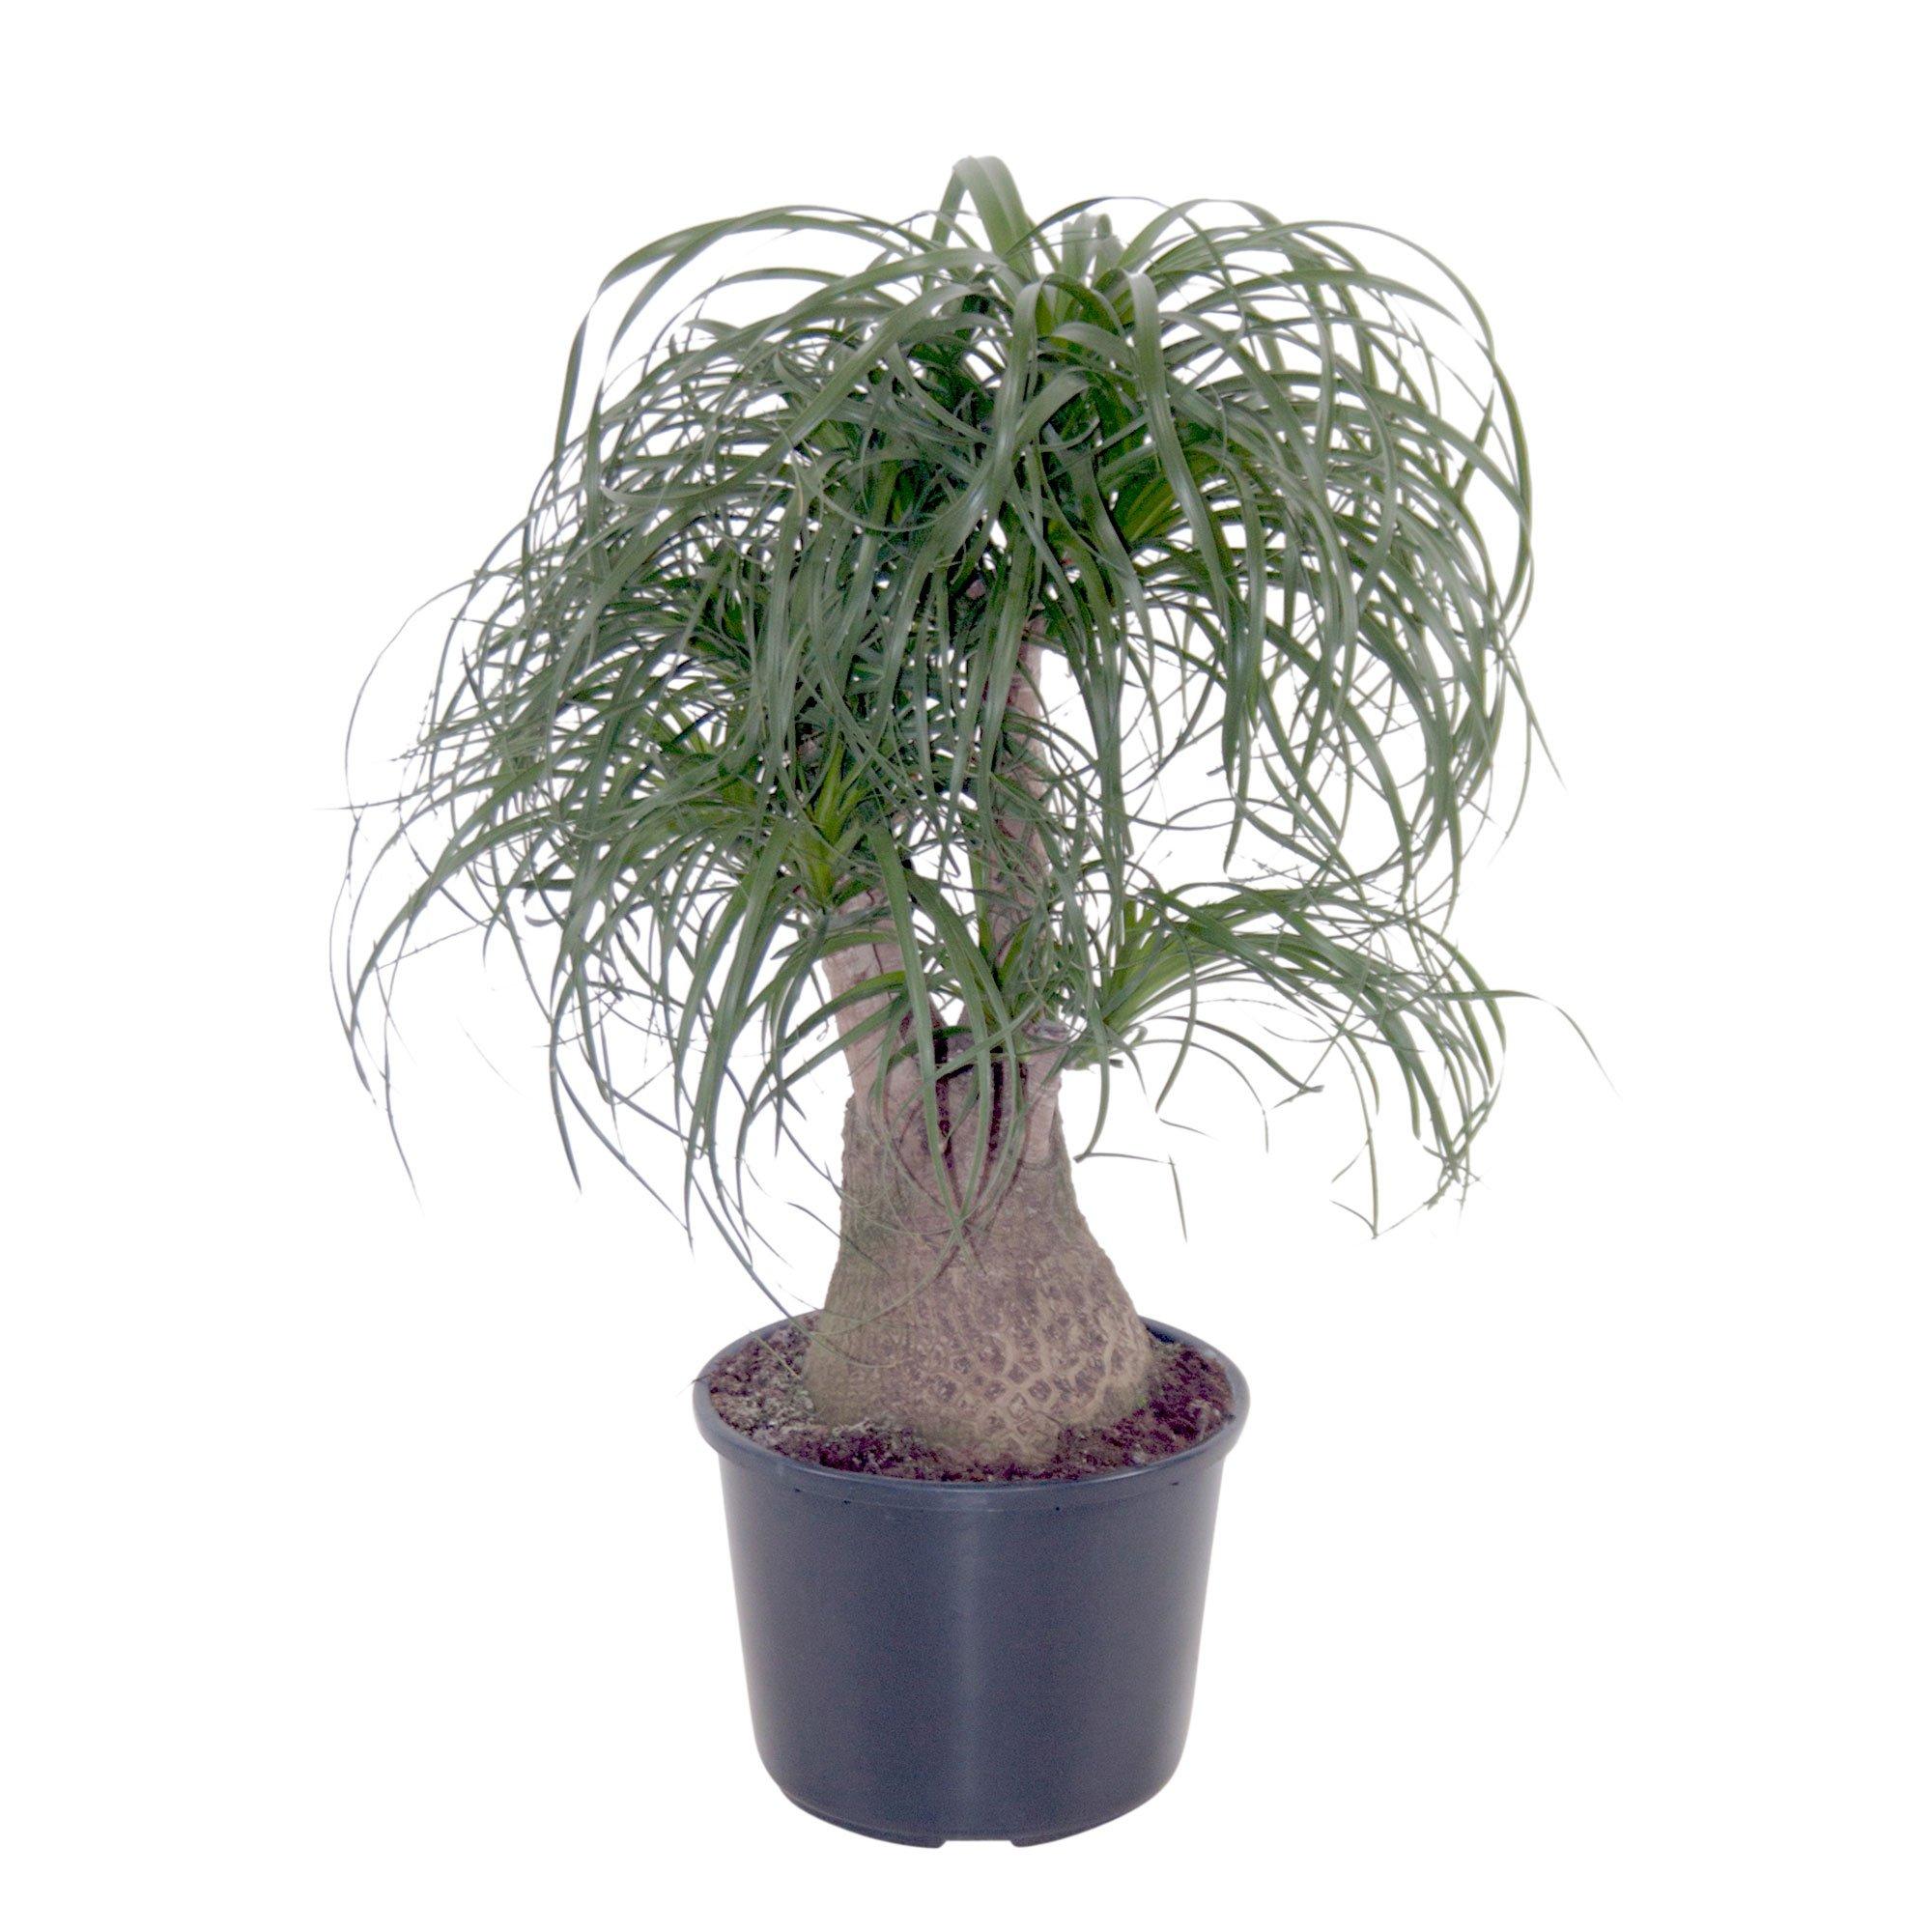 Beaucarnea - Pony Tail Palm